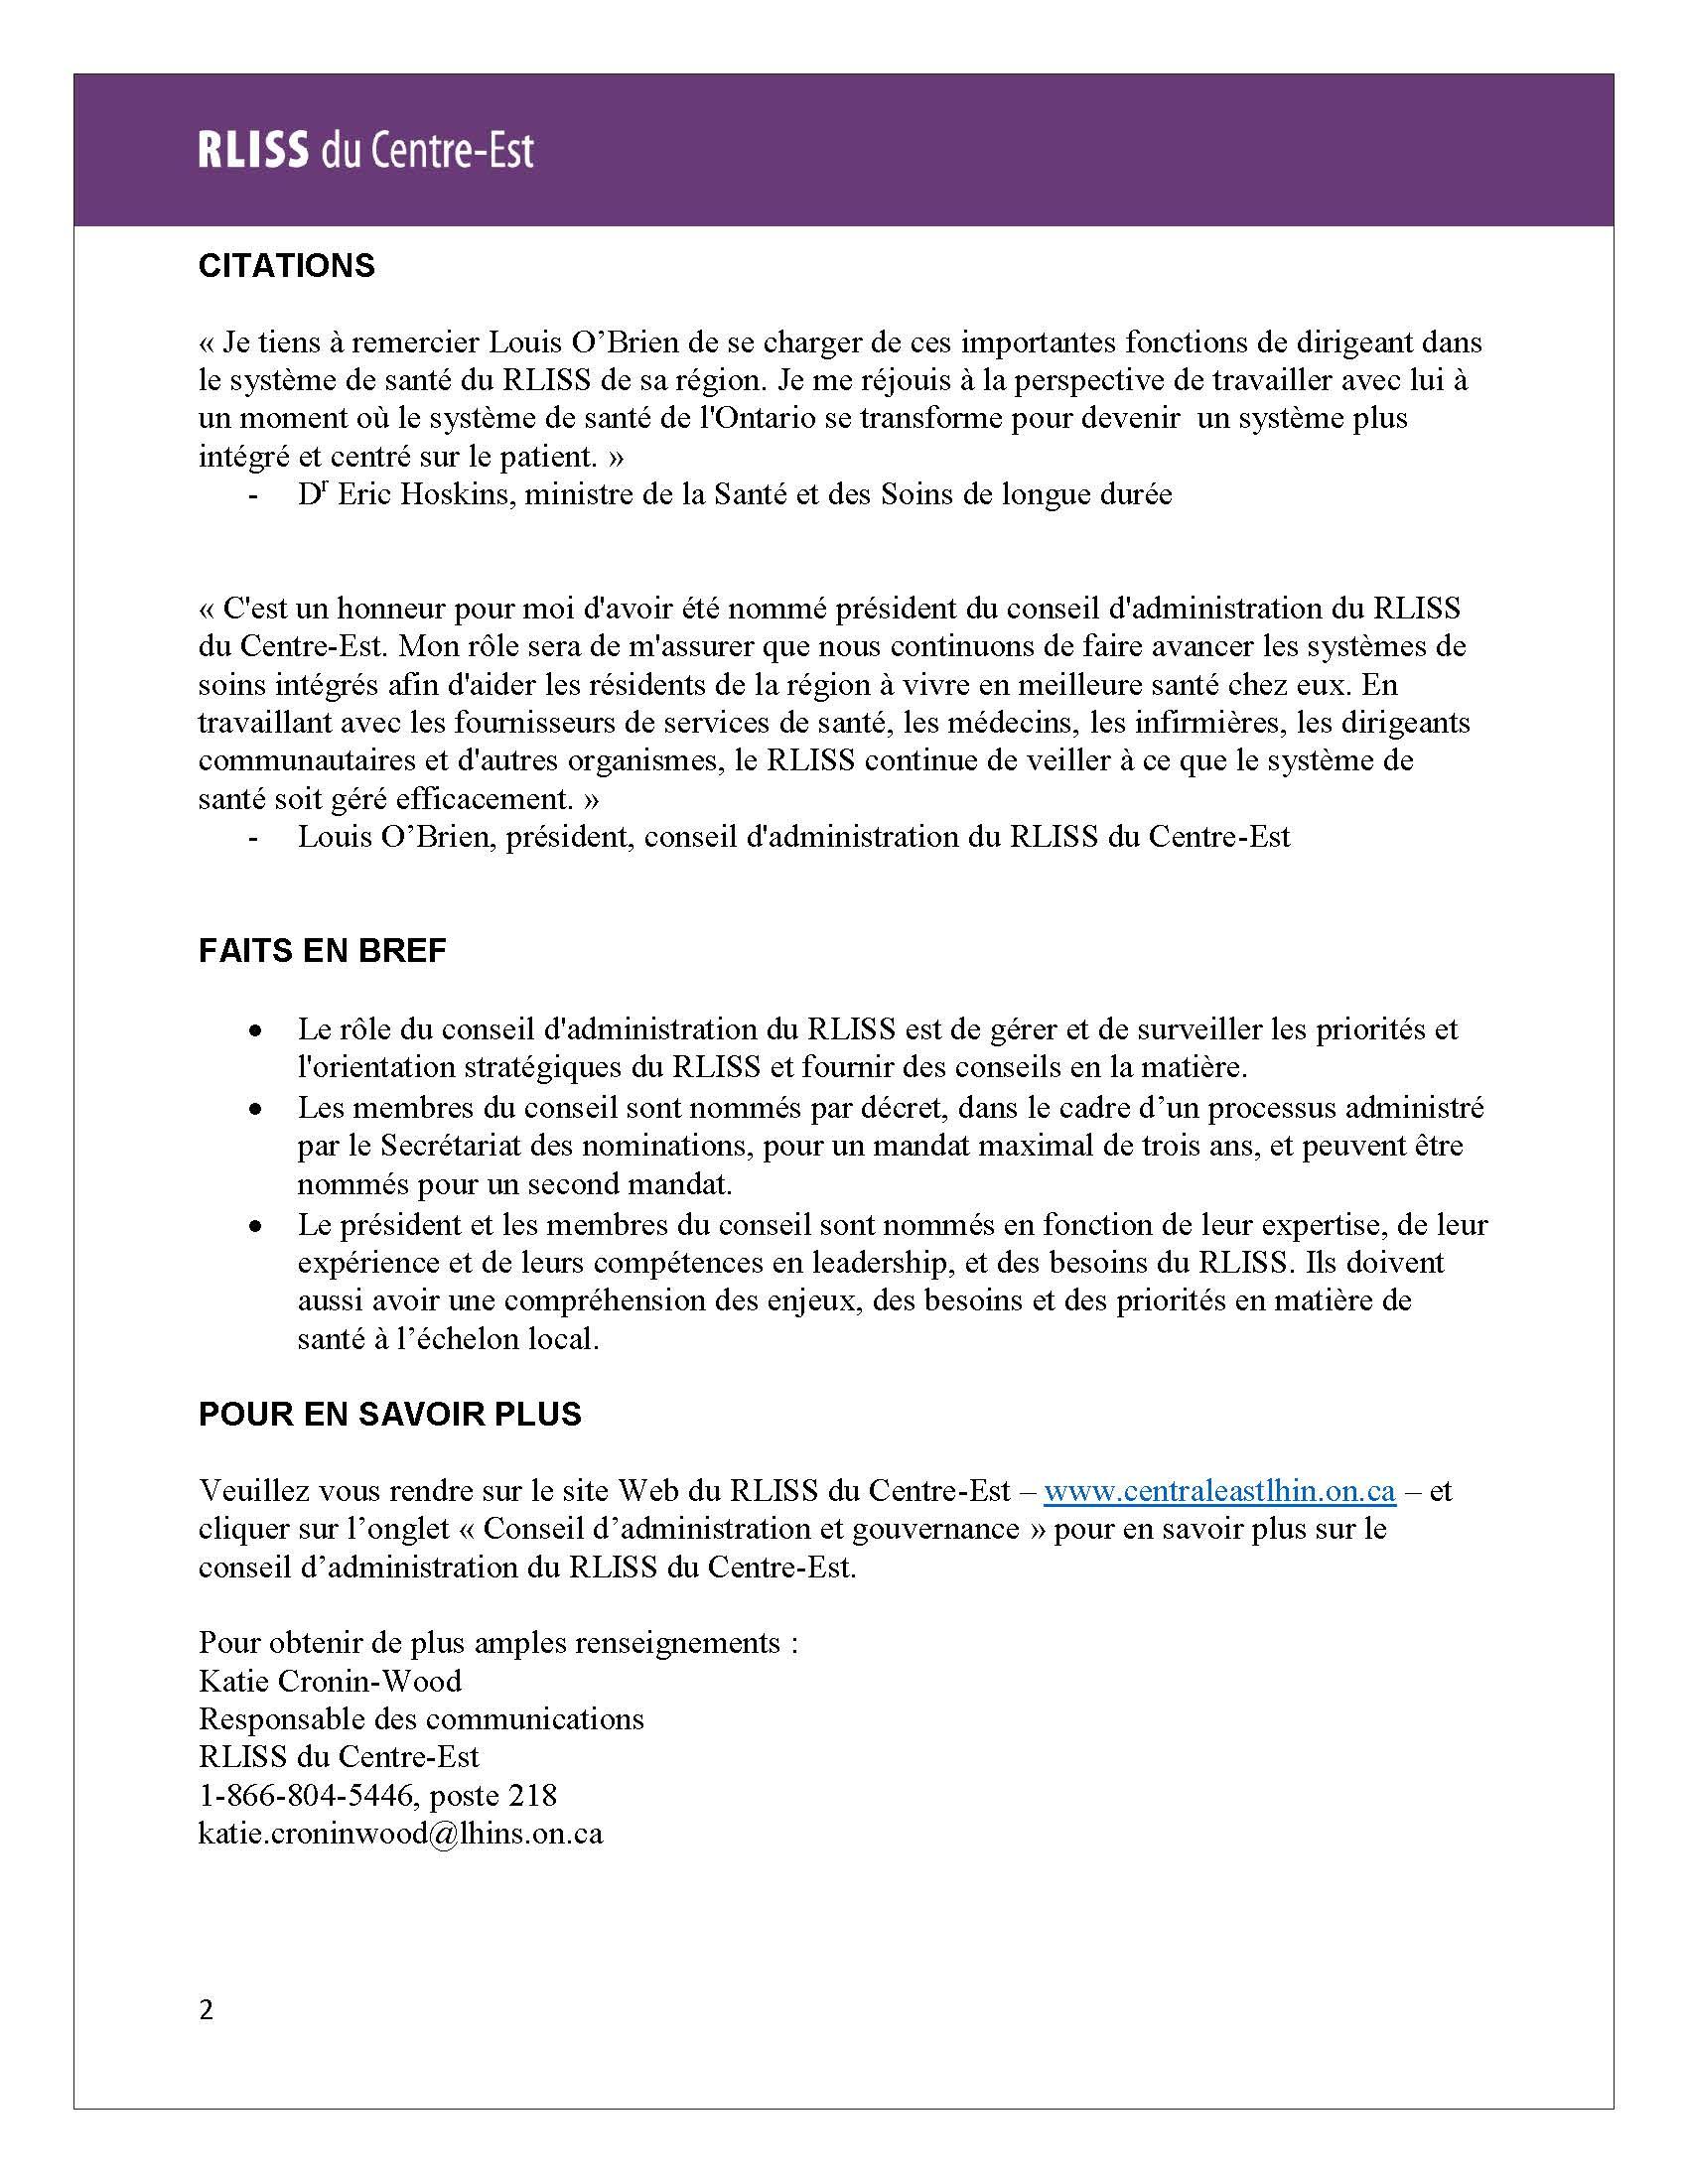 20161018_newboardchair_fr_final_page_2